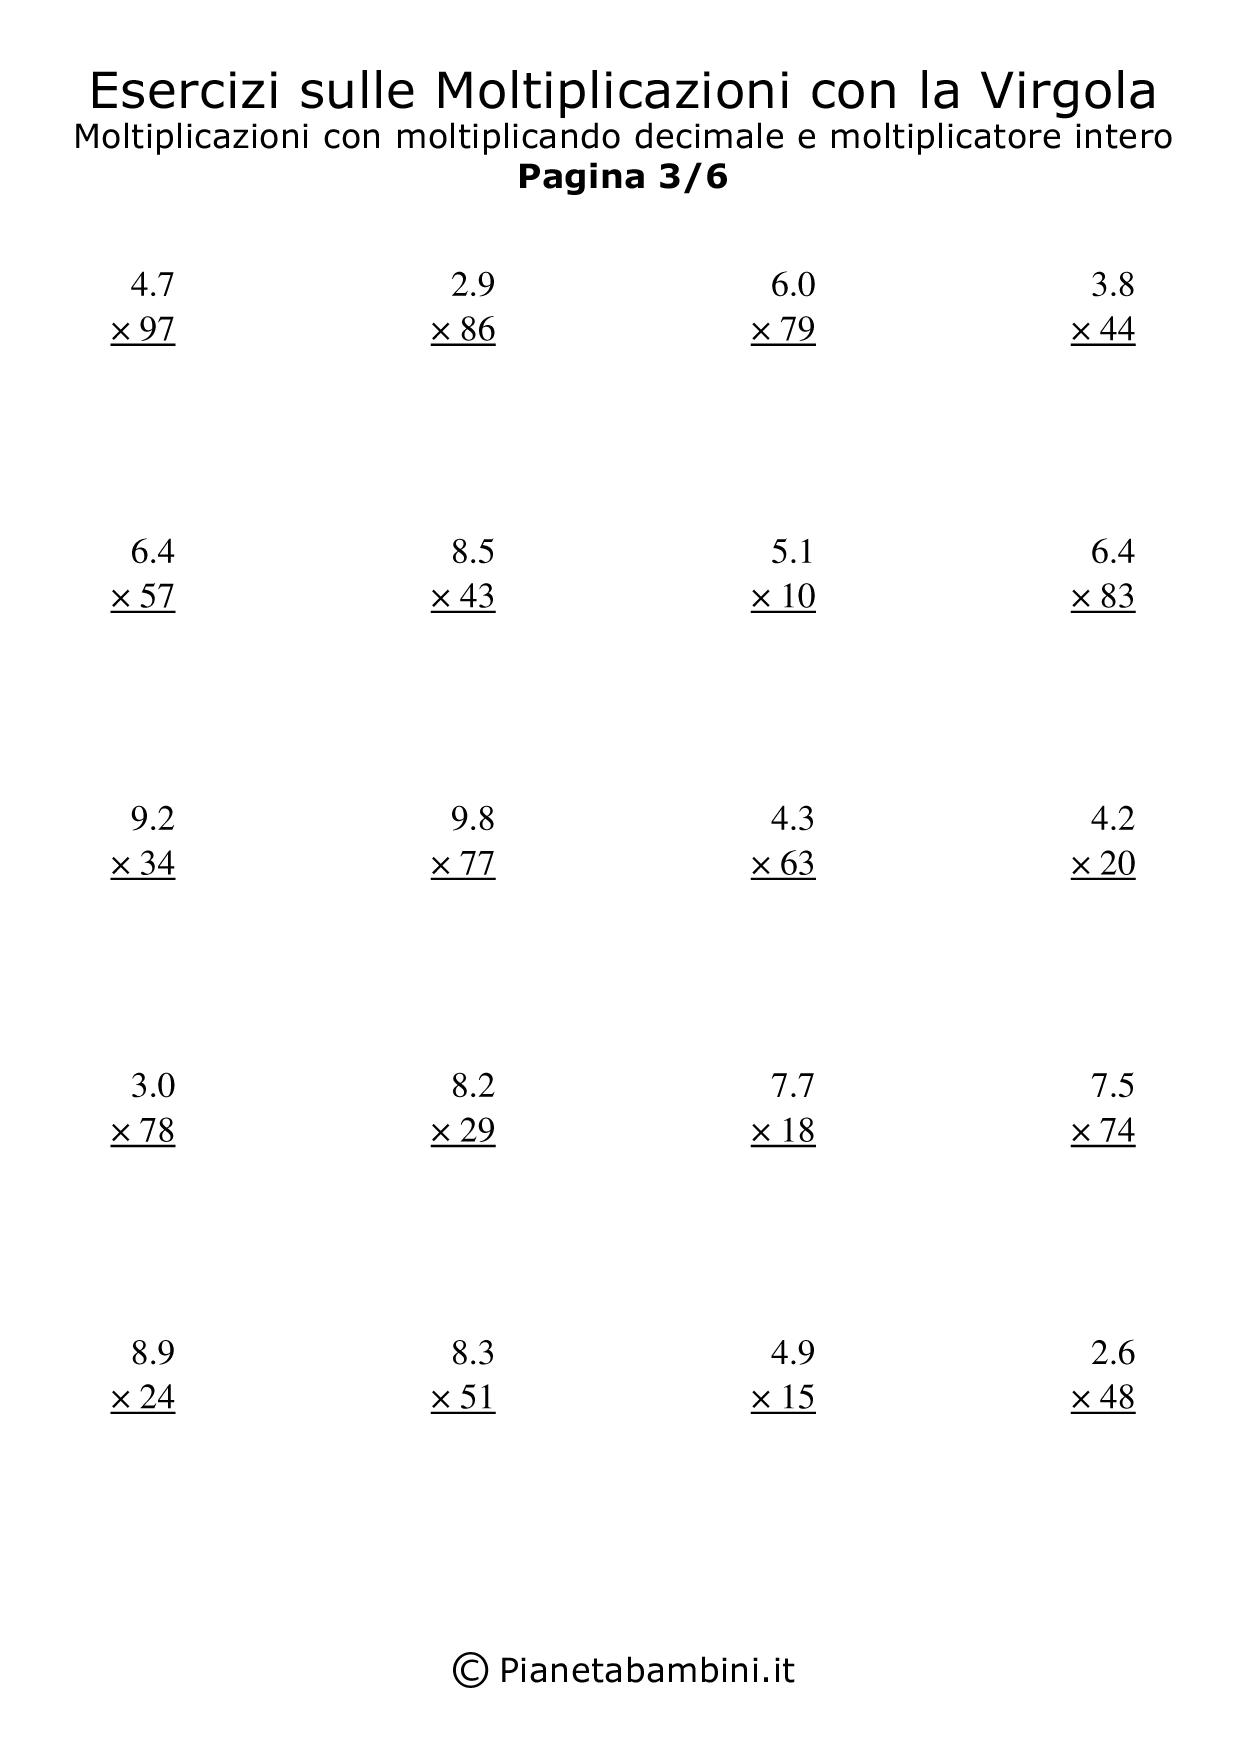 Moltiplicazioni-Virgola-Decimale-X-Intero_3